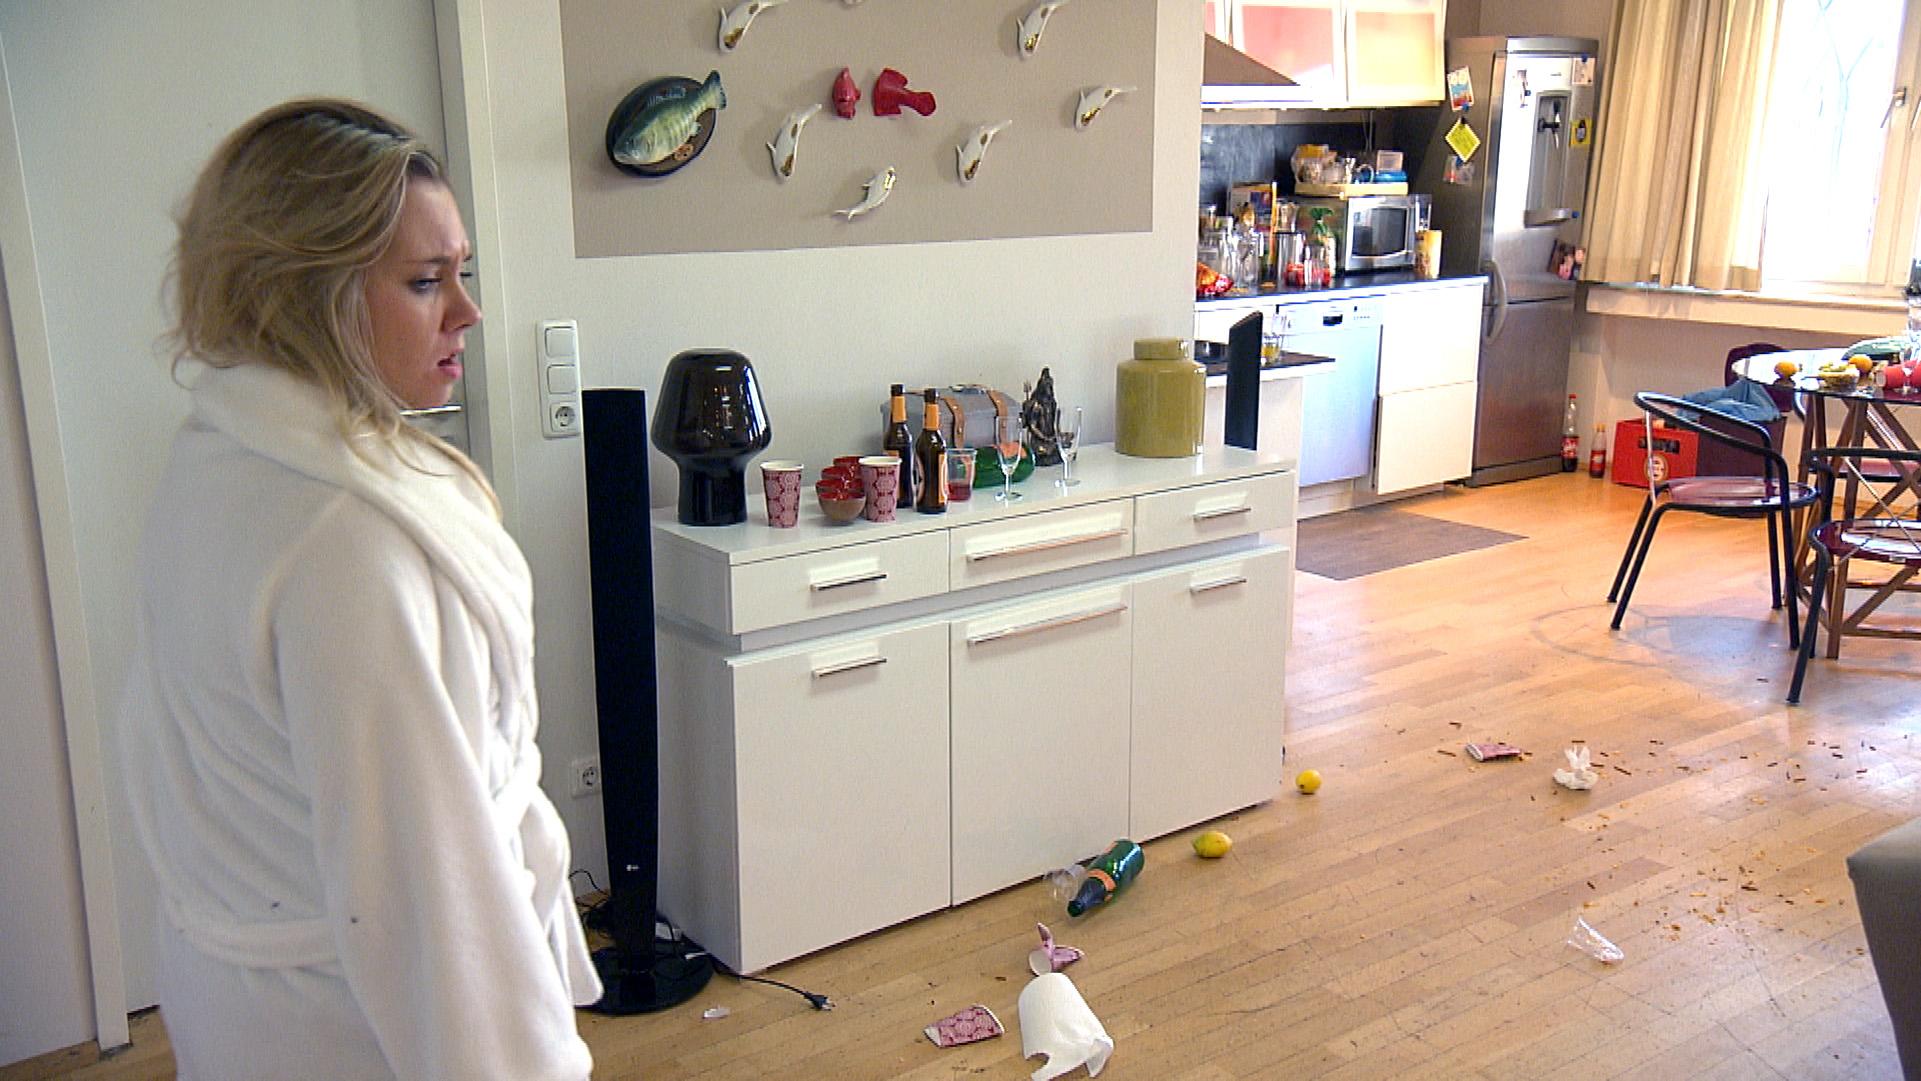 Chantal ist genervt, als sie feststellen muss, dass Valentin das Wohnzimmer nach einer Party in eine Müllhalde verwandelt hat. (Quelle: RTL 2)